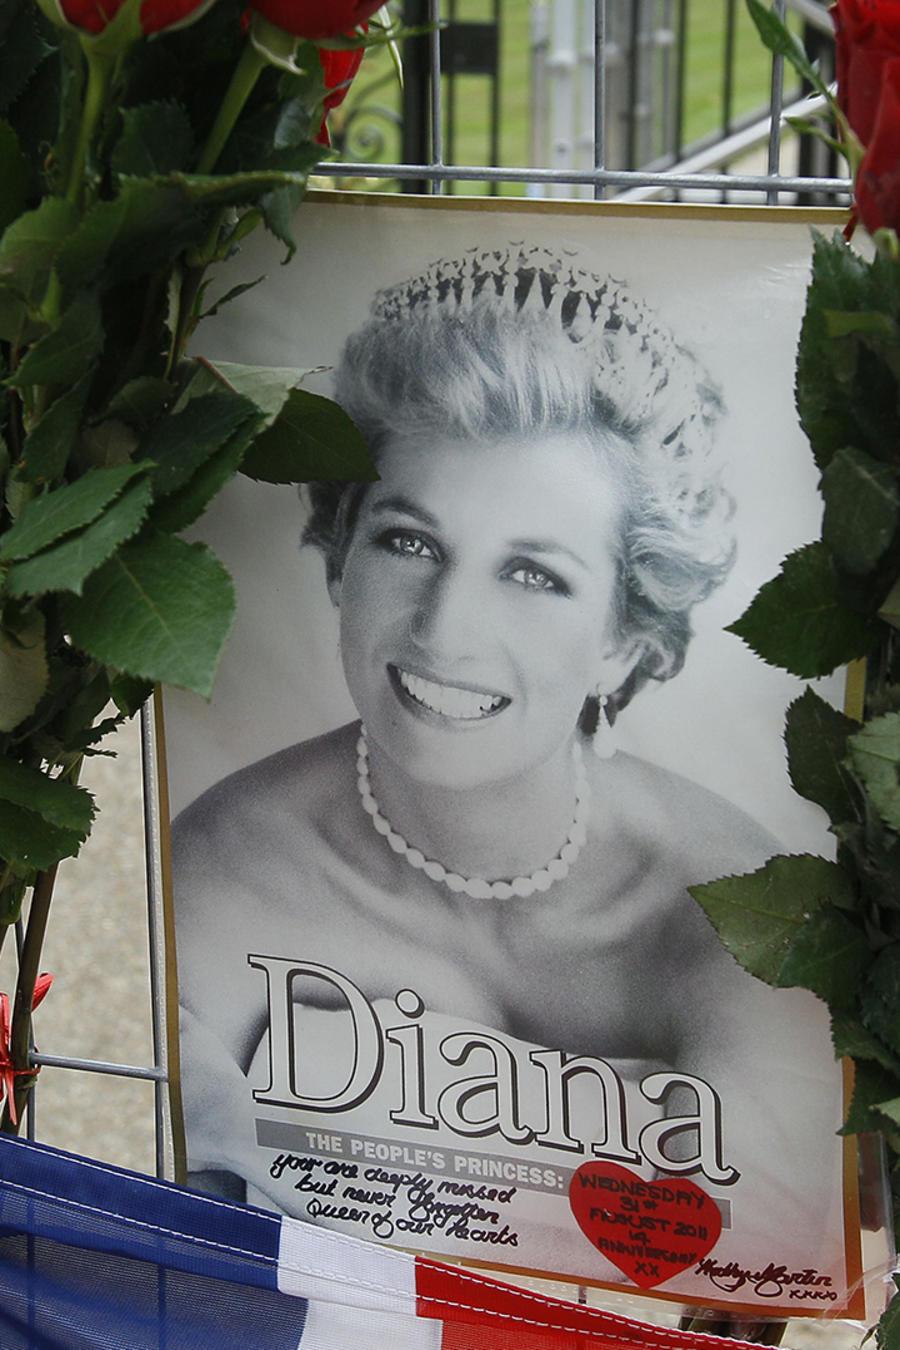 Las redes sociales recuerdan a la princesa Diana 19 años después de su muerte